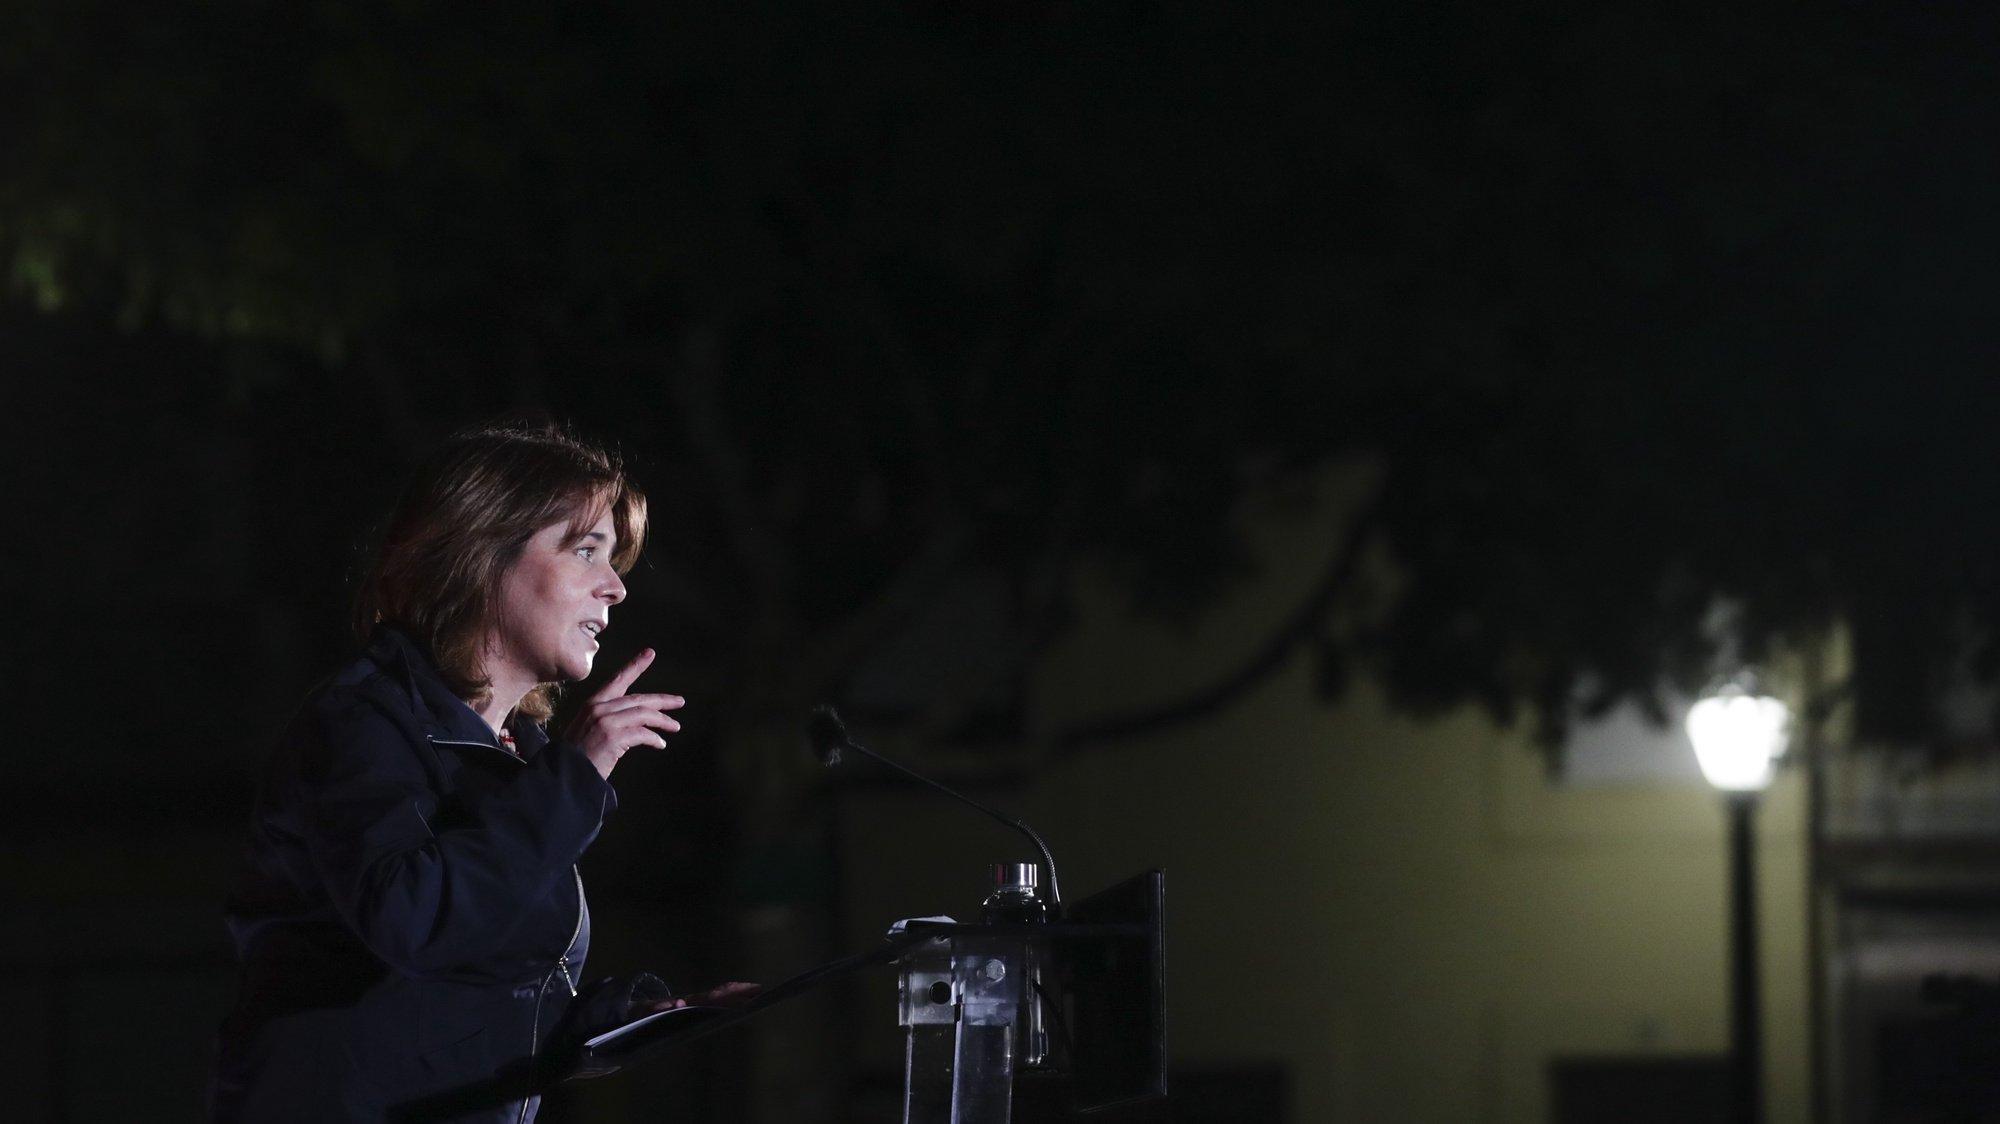 """A coordenadora do Bloco de Esquerda (BE), Catarina Martins, fala no final da """"Contra-cimeira da resistência, do inconformismo e da solidariedade: 'STOP Precariedade, STOP Pobreza'"""", no Porto, 07 de maio de 2021. Esta contra-cimeira ocorre por oposição à Cimeira Social do Porto organizada pela Presidência Portuguesa do Conselho da União Europeia (UE), neste dia. TIAGO PETINGA/LUSA"""